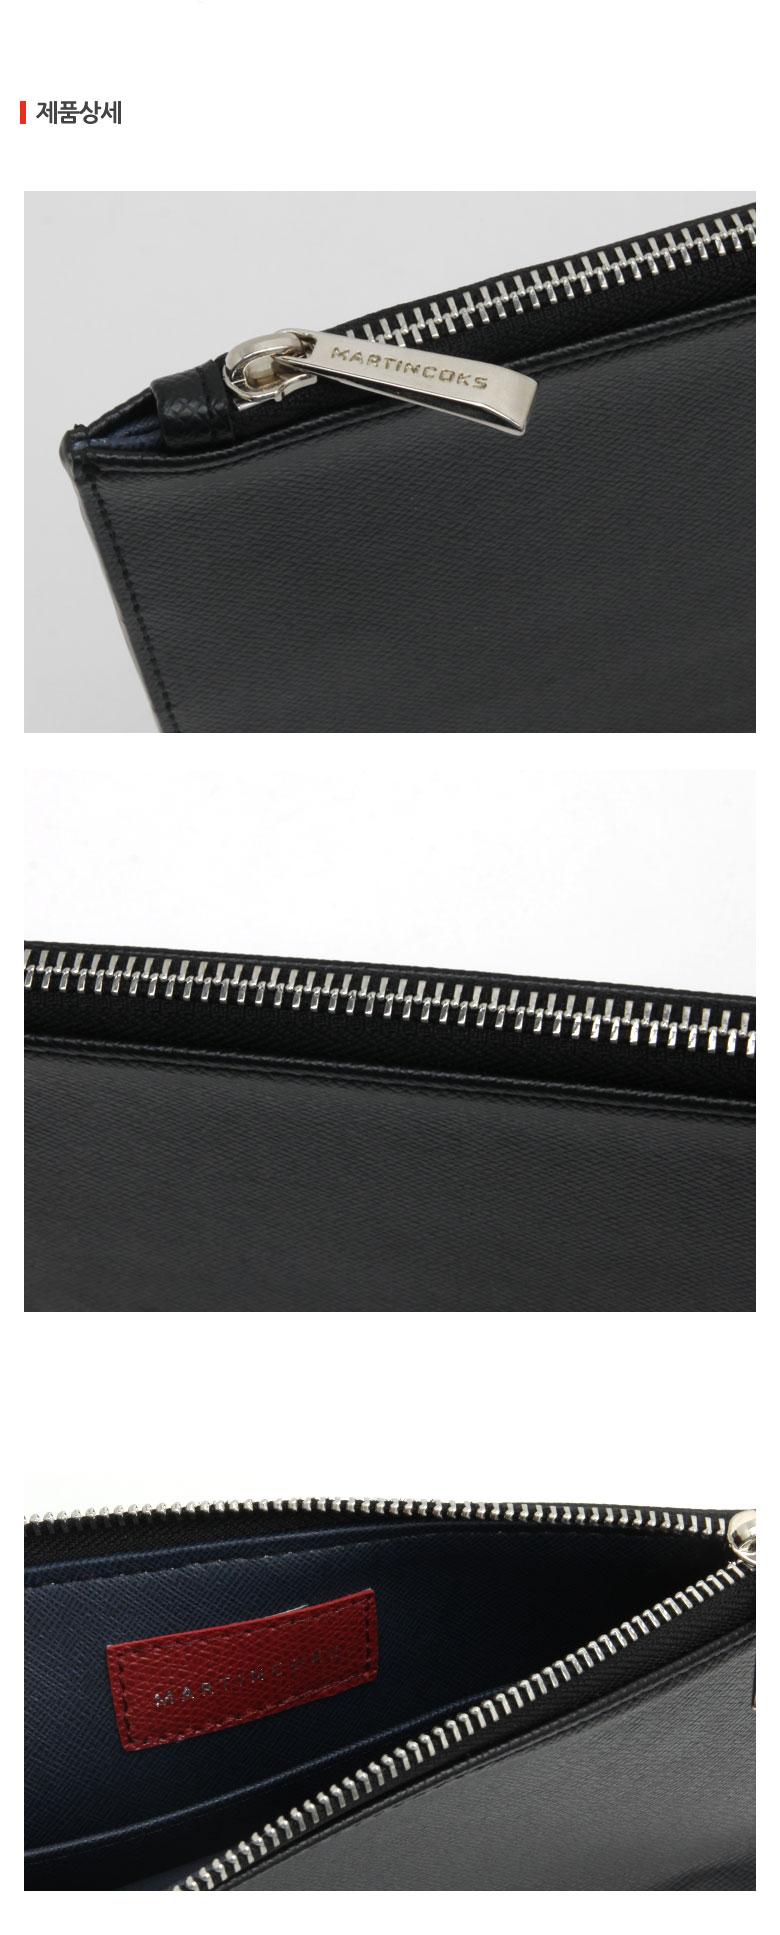 마틴콕스(MARTINCOKS) 스퀘어 클러치백 [블랙] PH-BLACK-GB